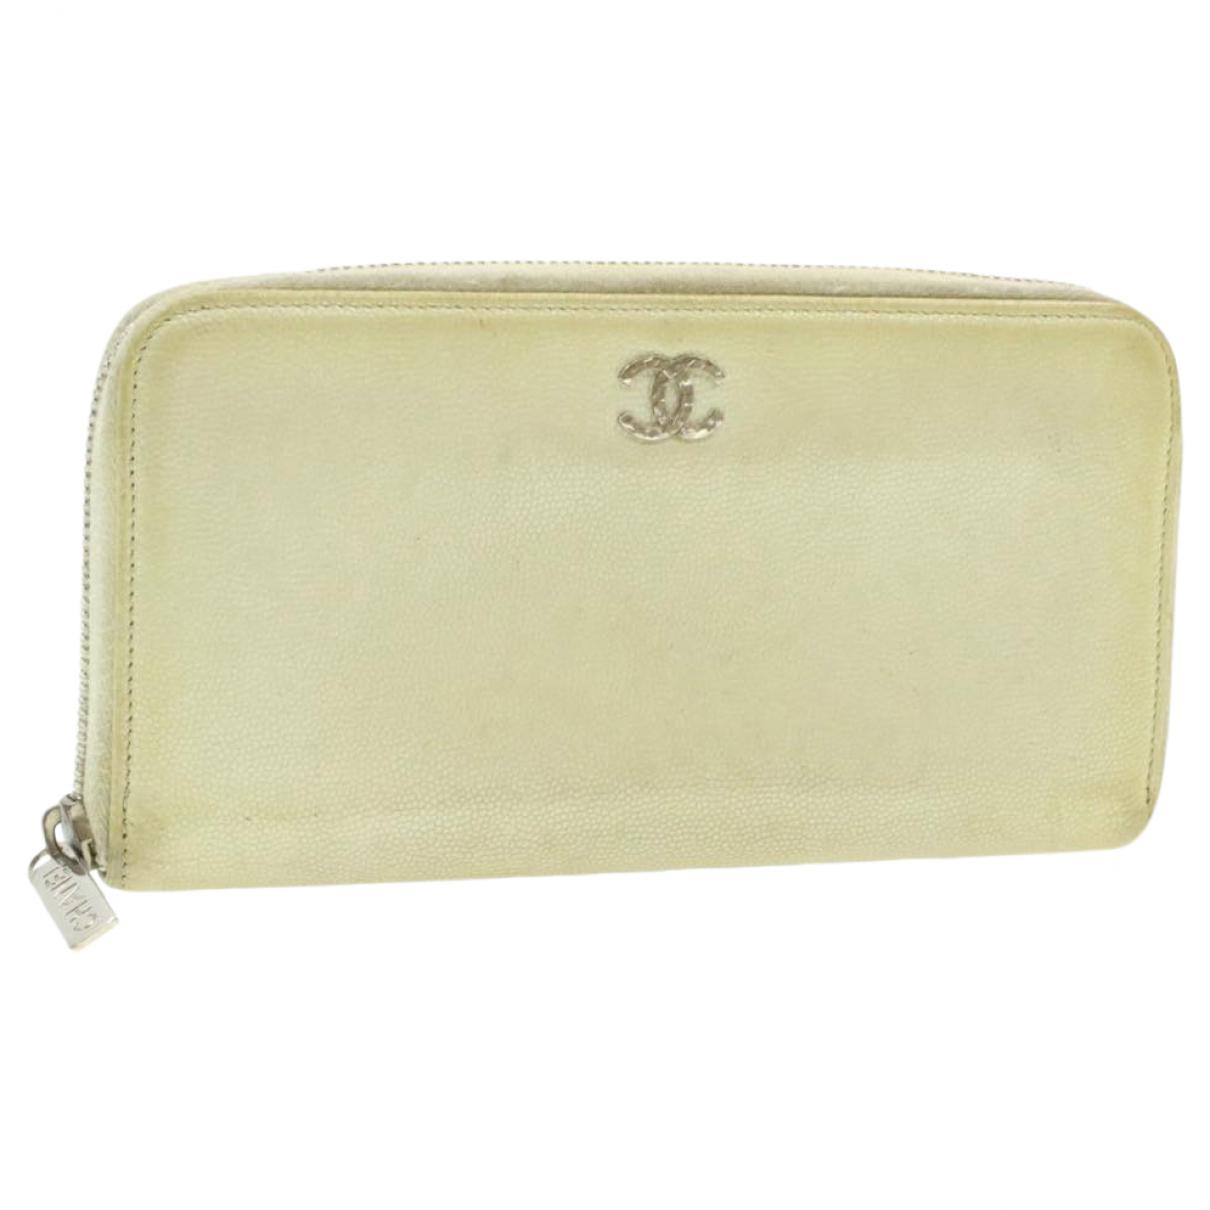 Chanel - Foulard   pour femme en autre - blanc